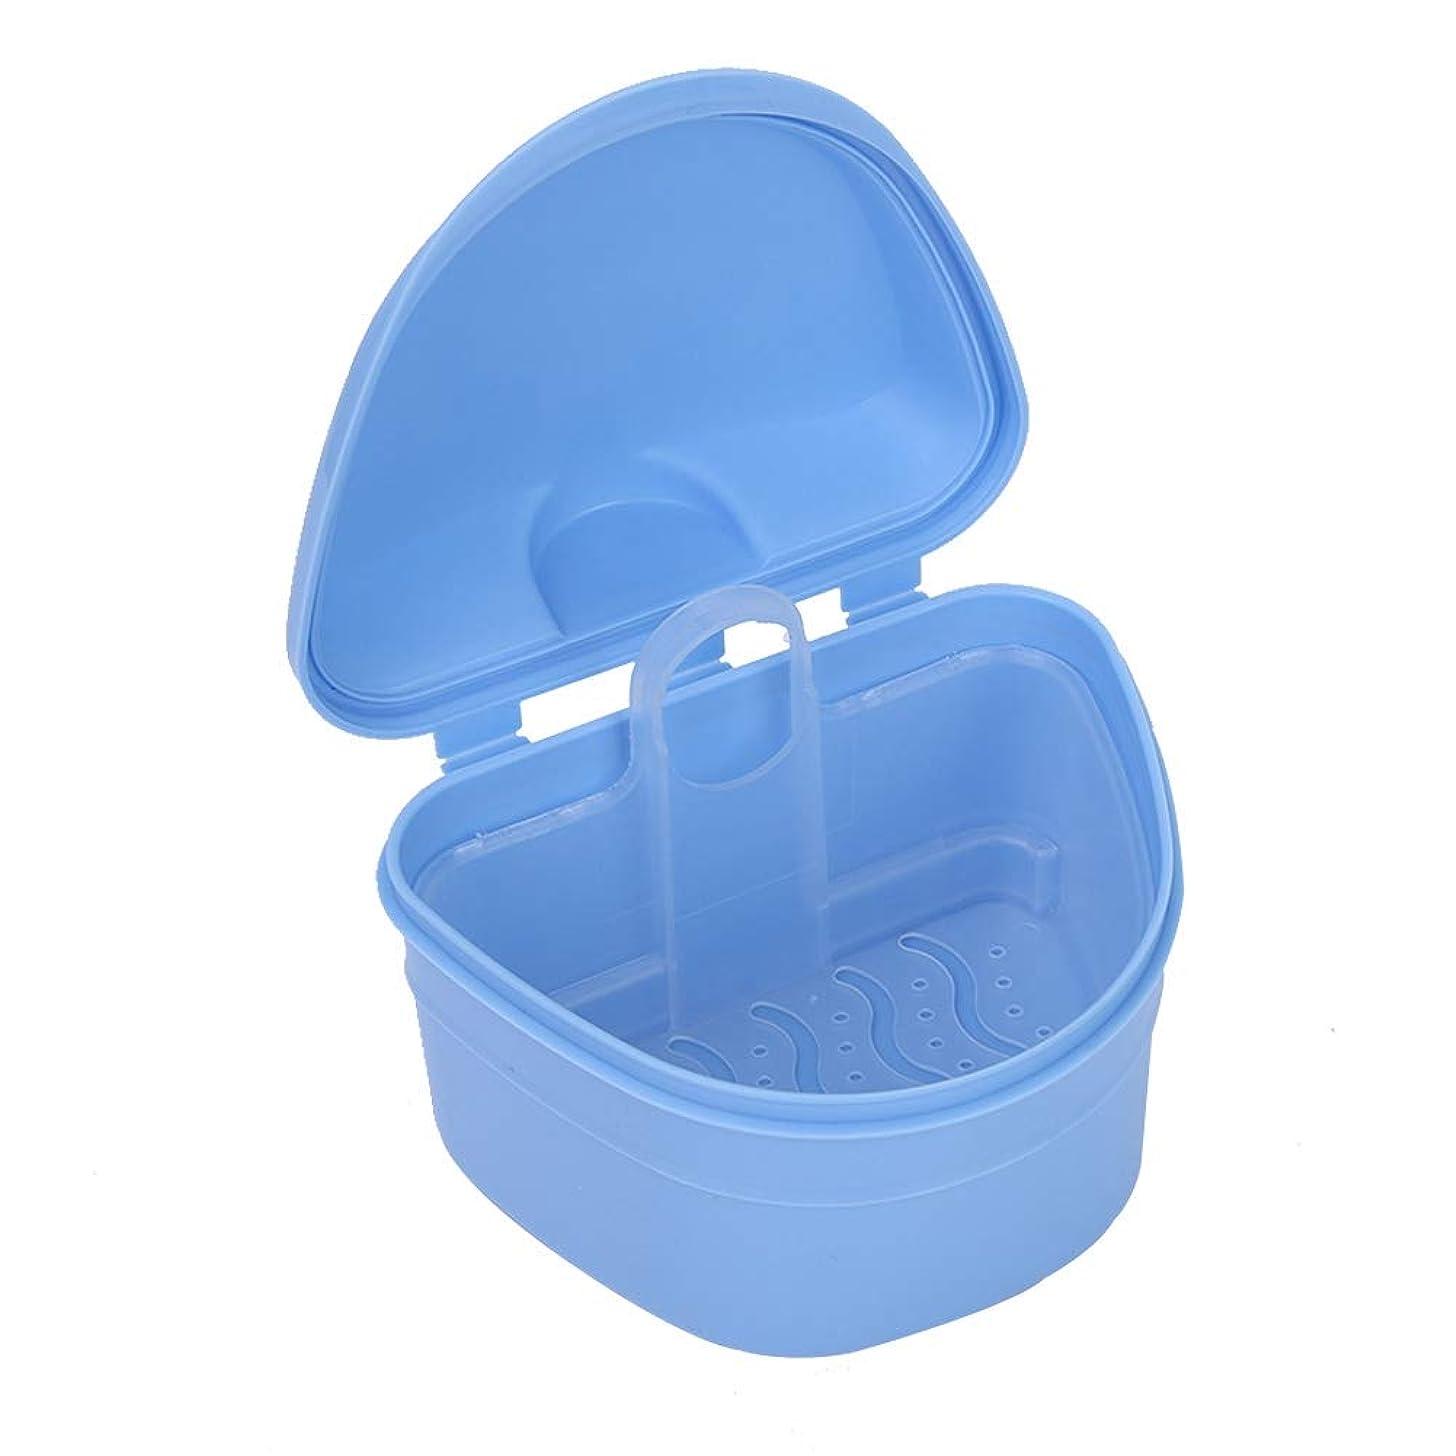 自然公園カリング仕様義歯ブラシ、旅行中に浸漬義歯乳首ジュエリー小さな収納ボックスを保存するための義歯ケースケース義歯クリーニングツール